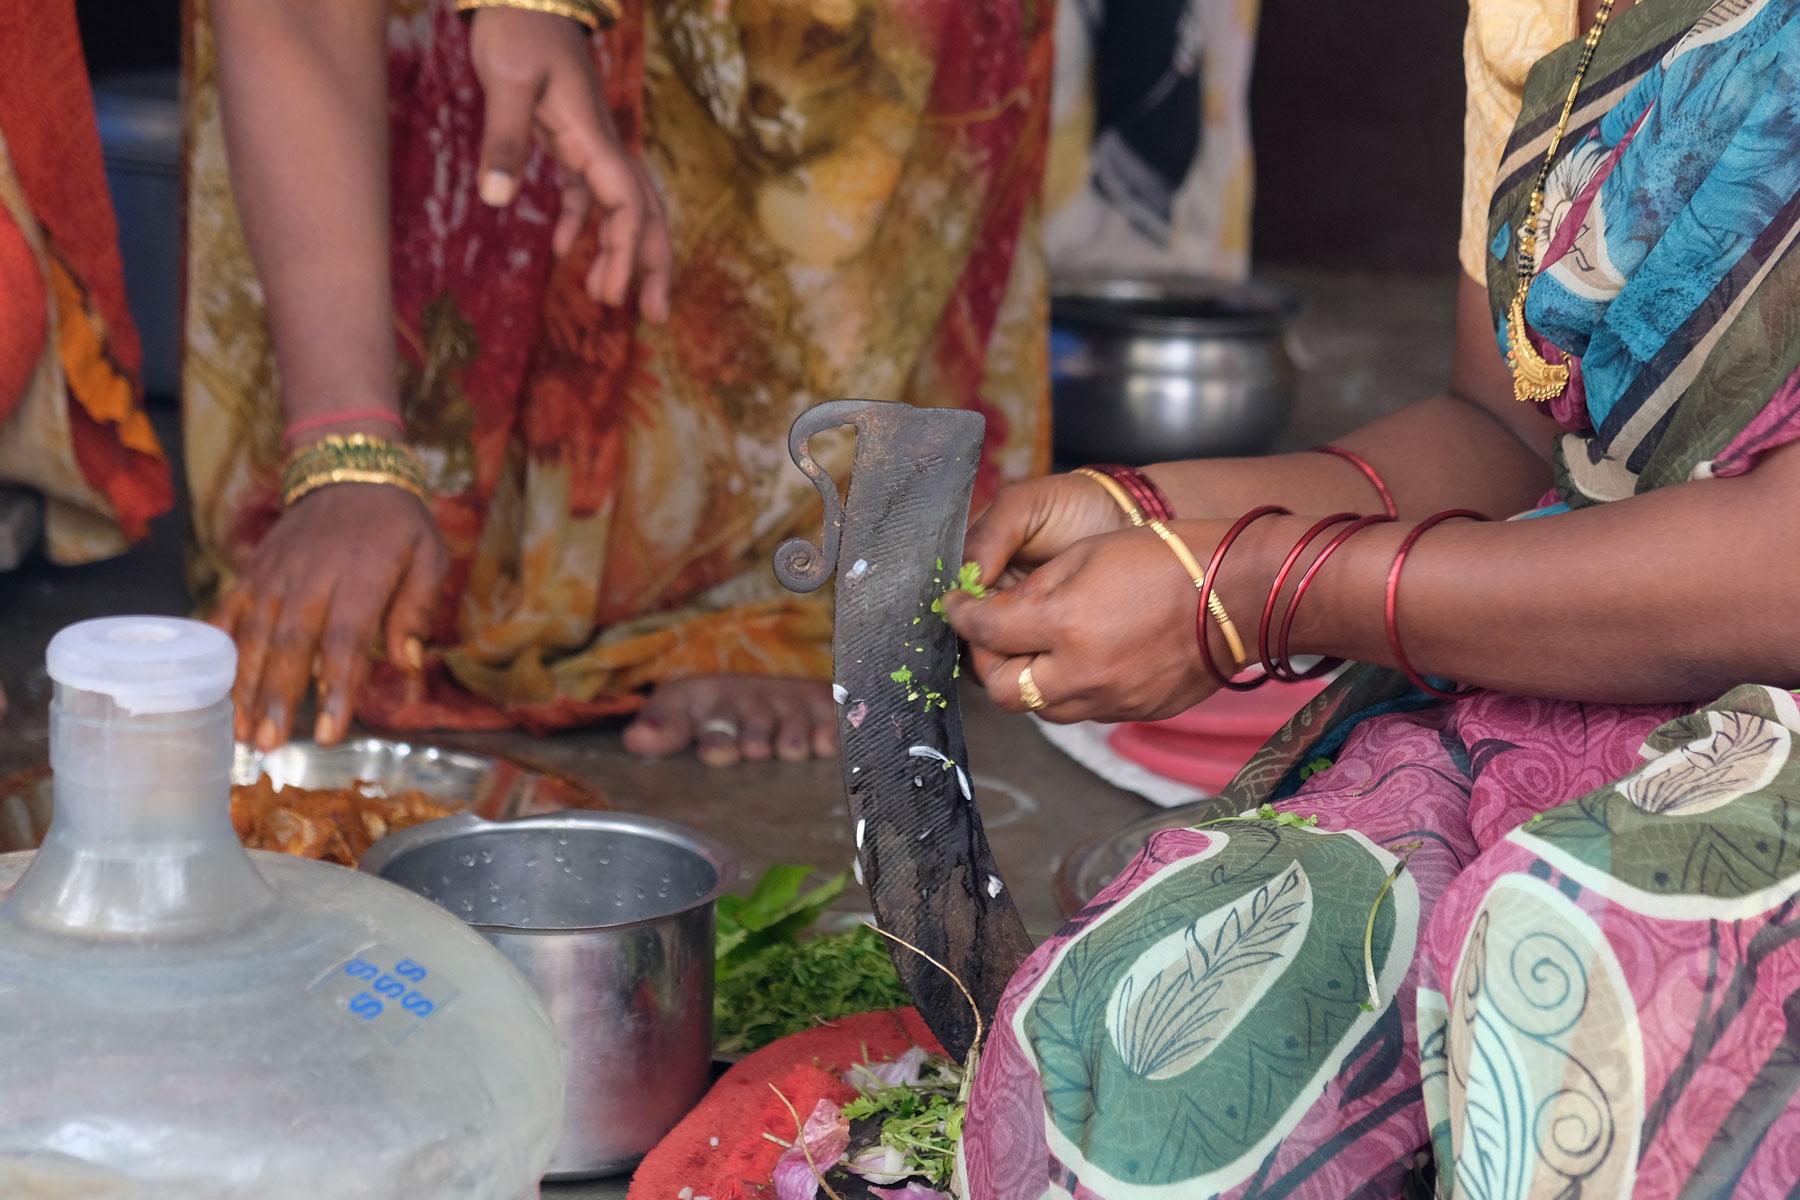 Eine indische Frau schneidet Kräuter an einem Messer.